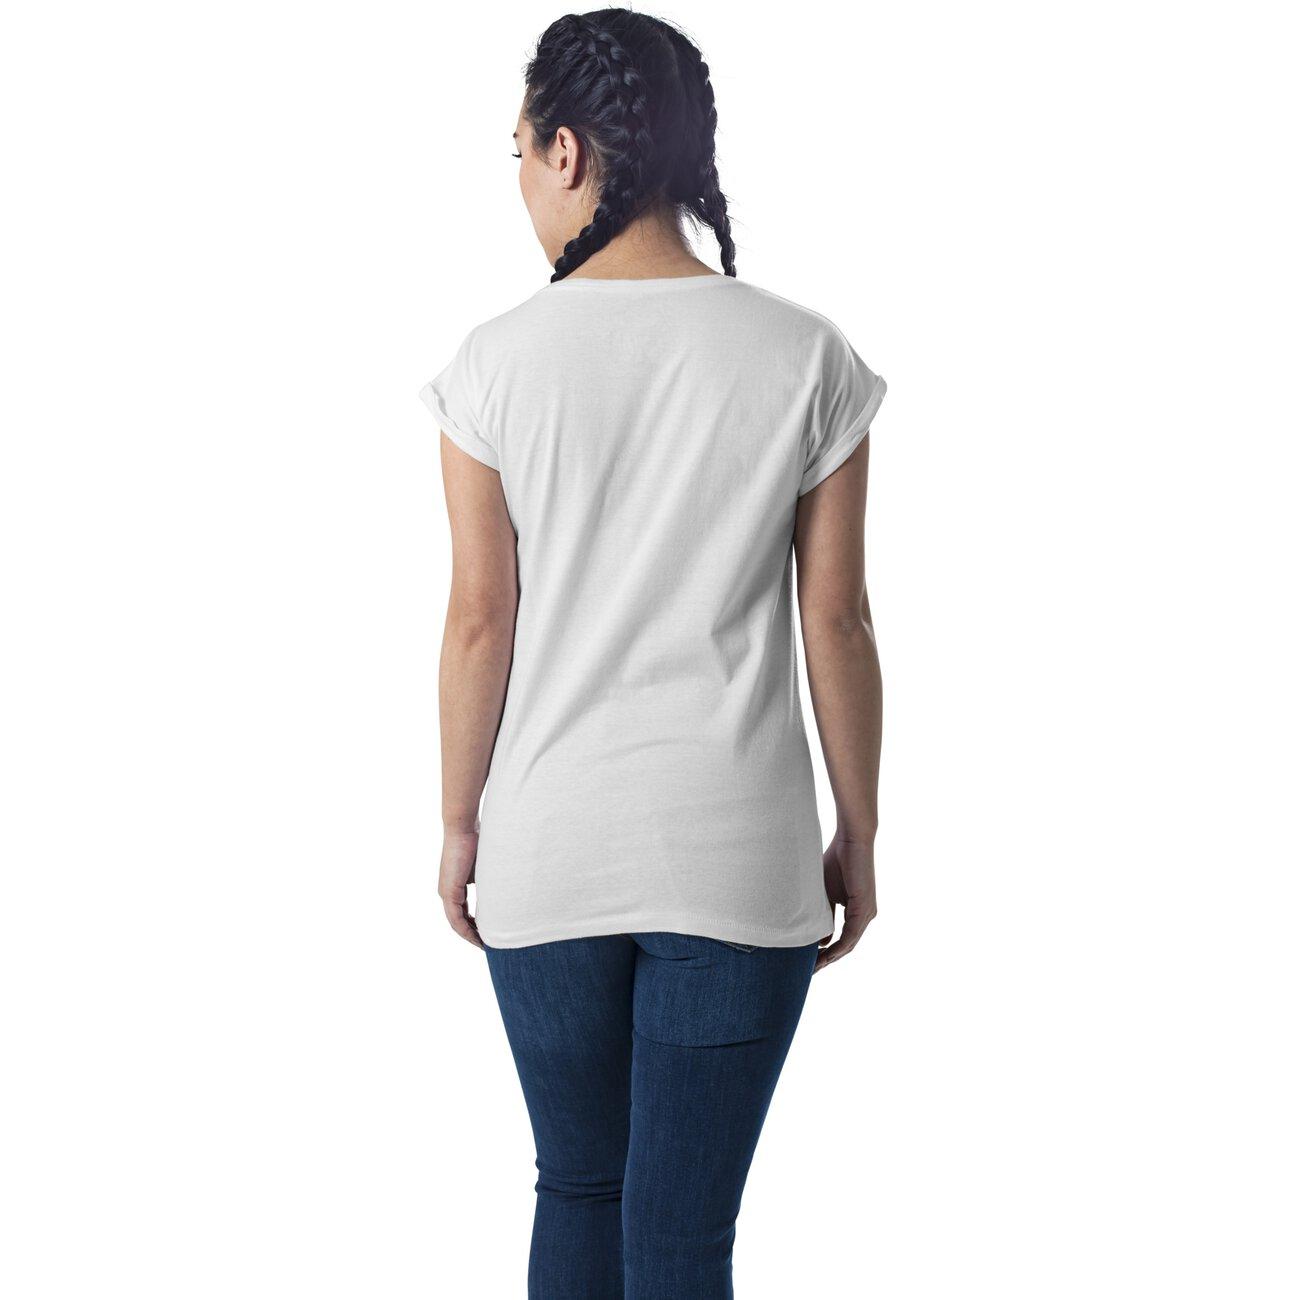 mister tee t shirt damen bowie motiv print kurzarm shirt wei. Black Bedroom Furniture Sets. Home Design Ideas